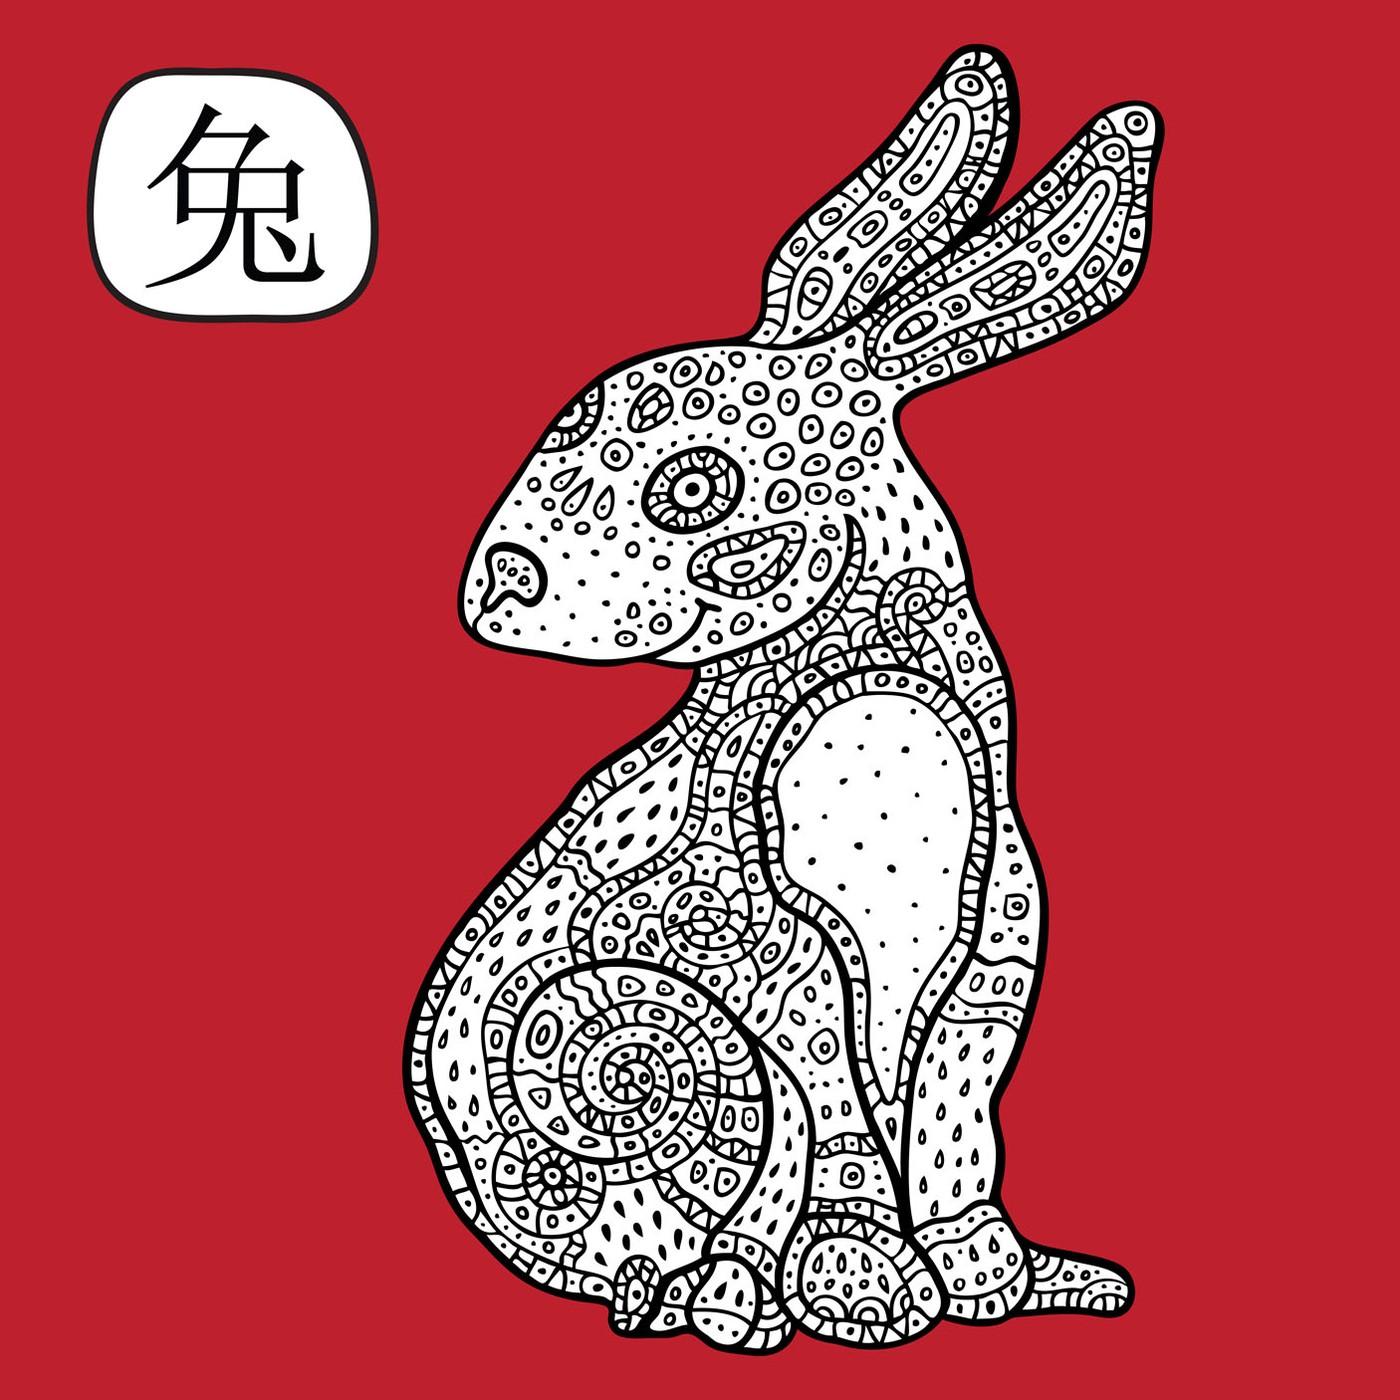 Zajec